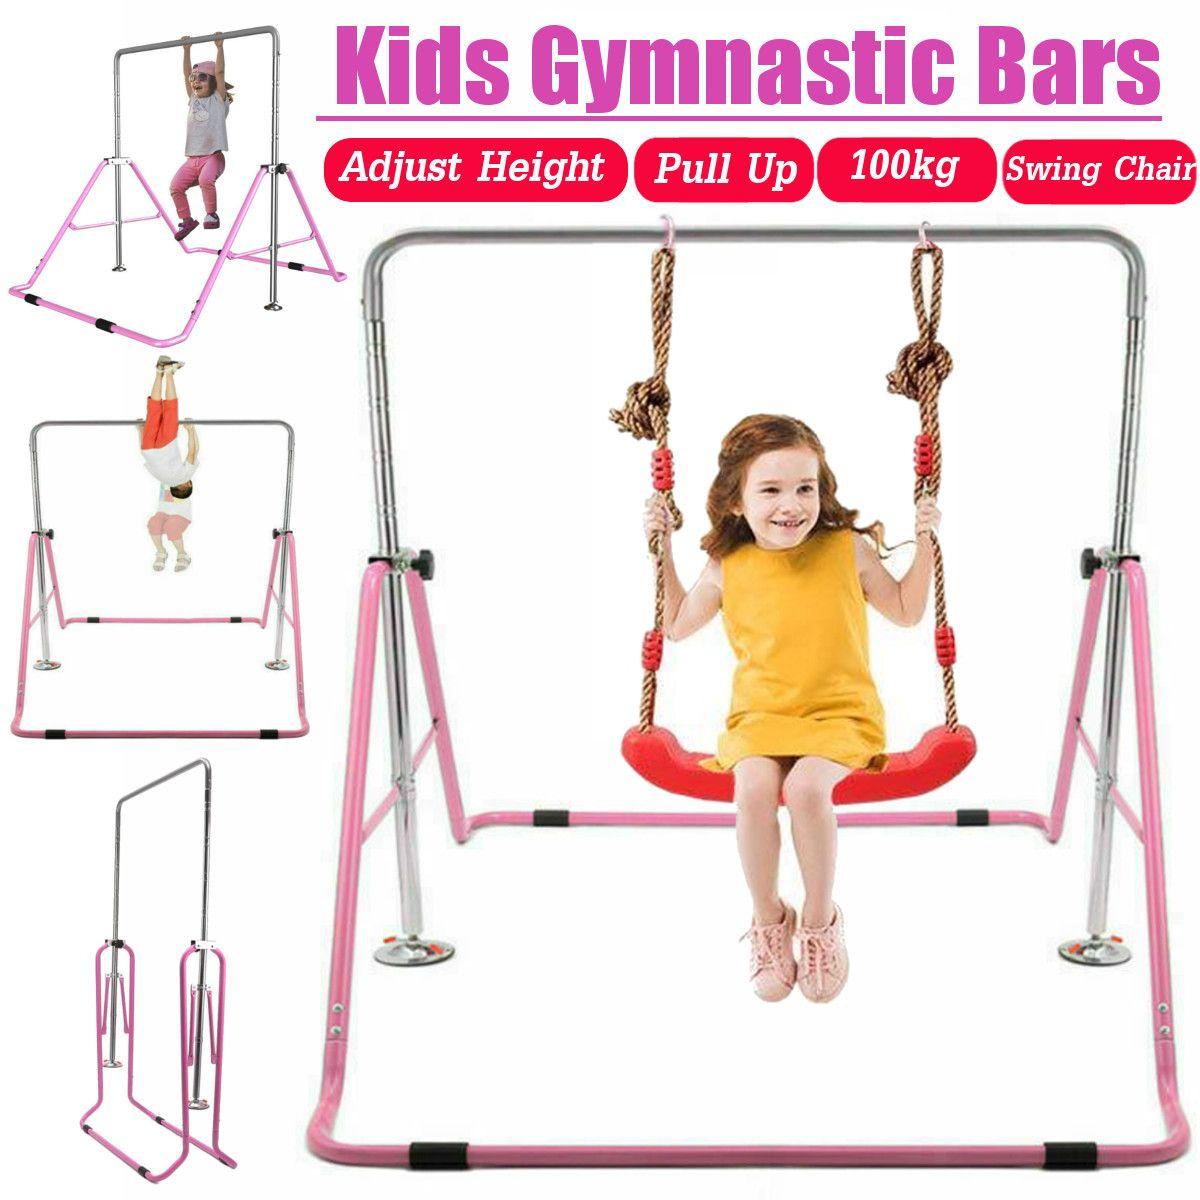 Einstellbare Kinder Horizontale Bars Folding Indoor Kinder Pull-Up Schulter Joint Ausbildung Höhe gym Fitness Ausrüstung